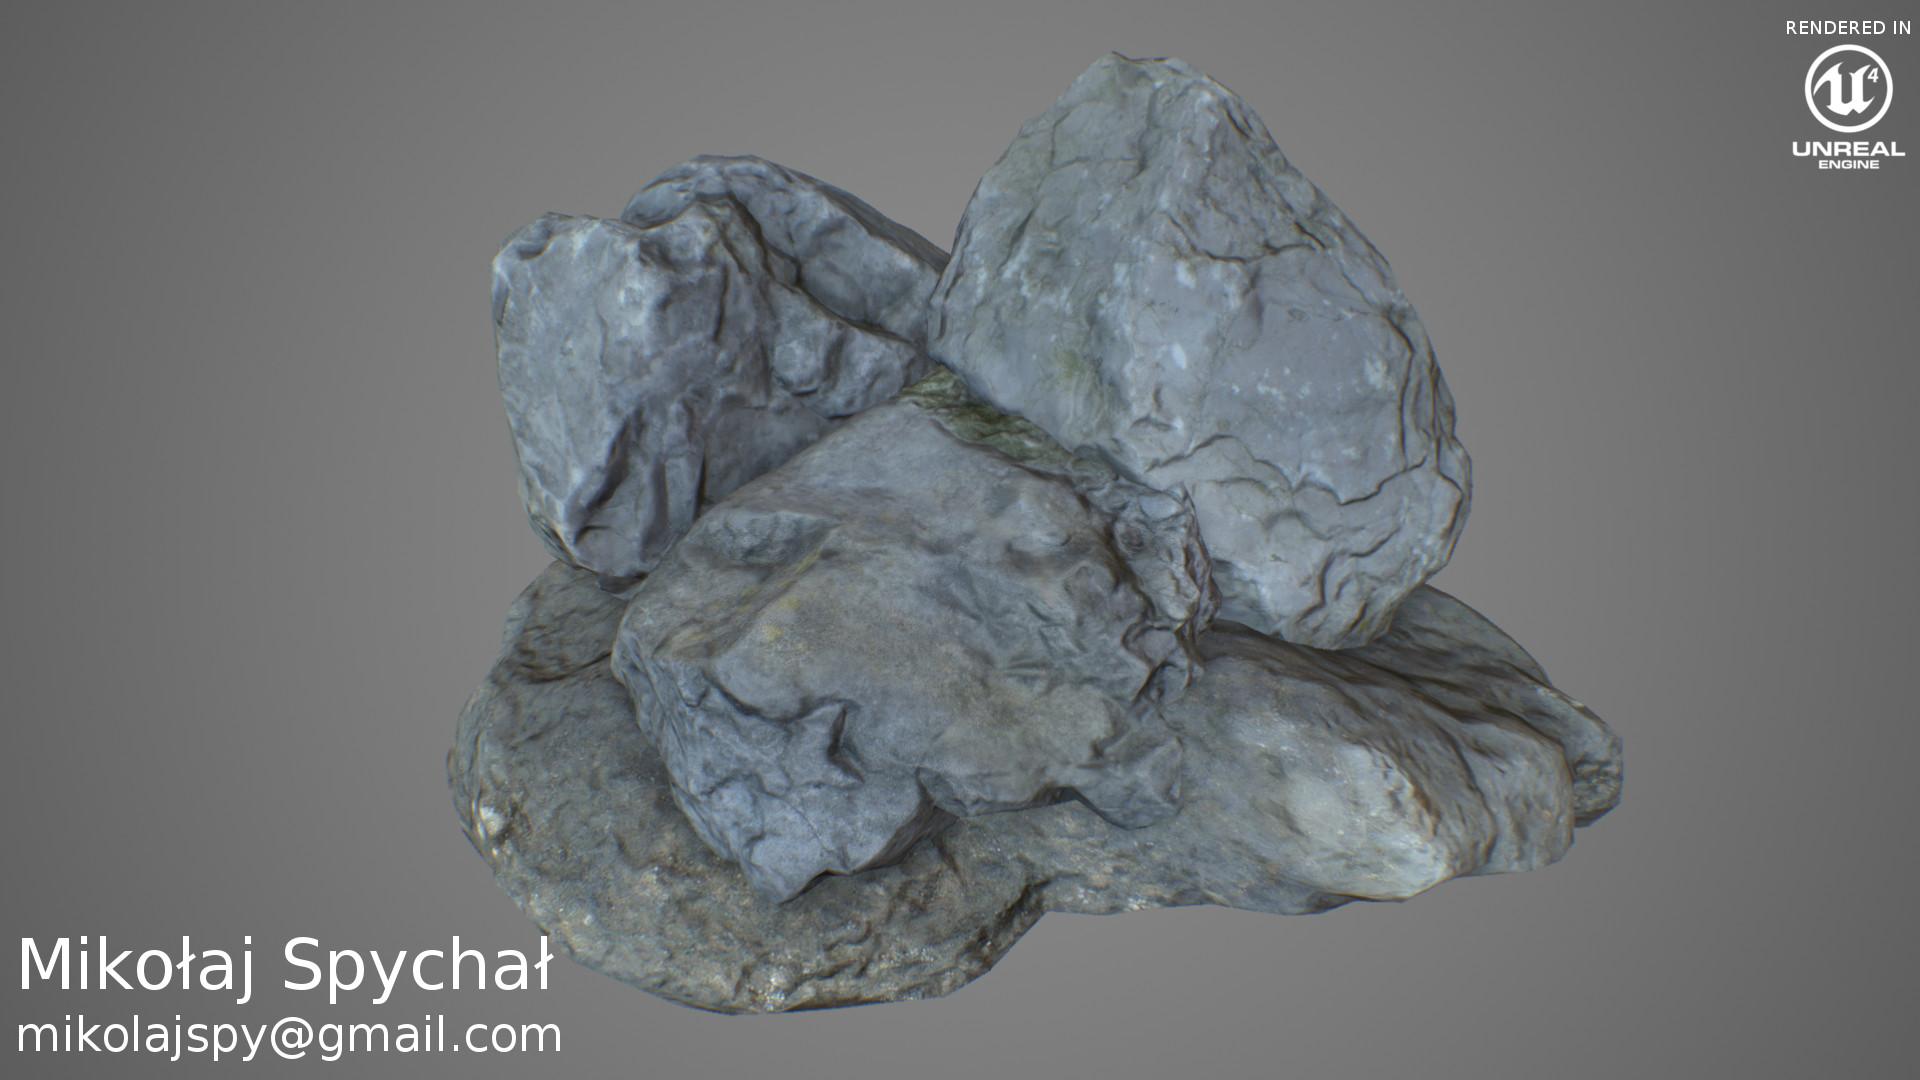 Mikolaj spychal rocksportfolio5